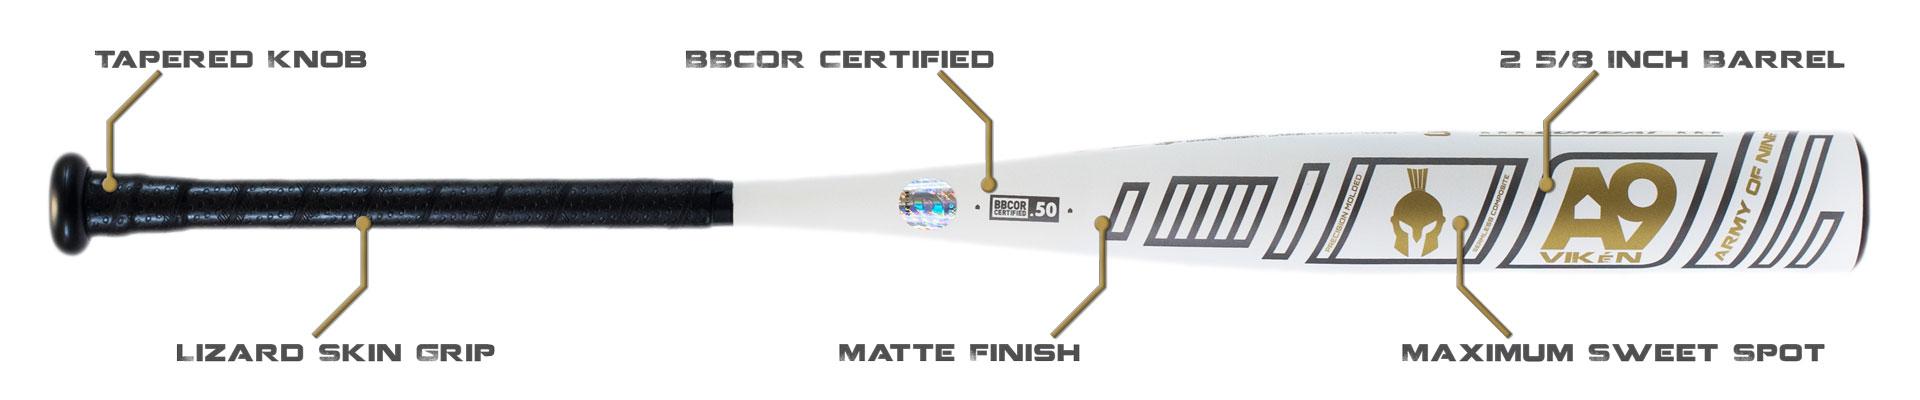 A9BBCOR-3 BBCOR Certifies Composite Bat